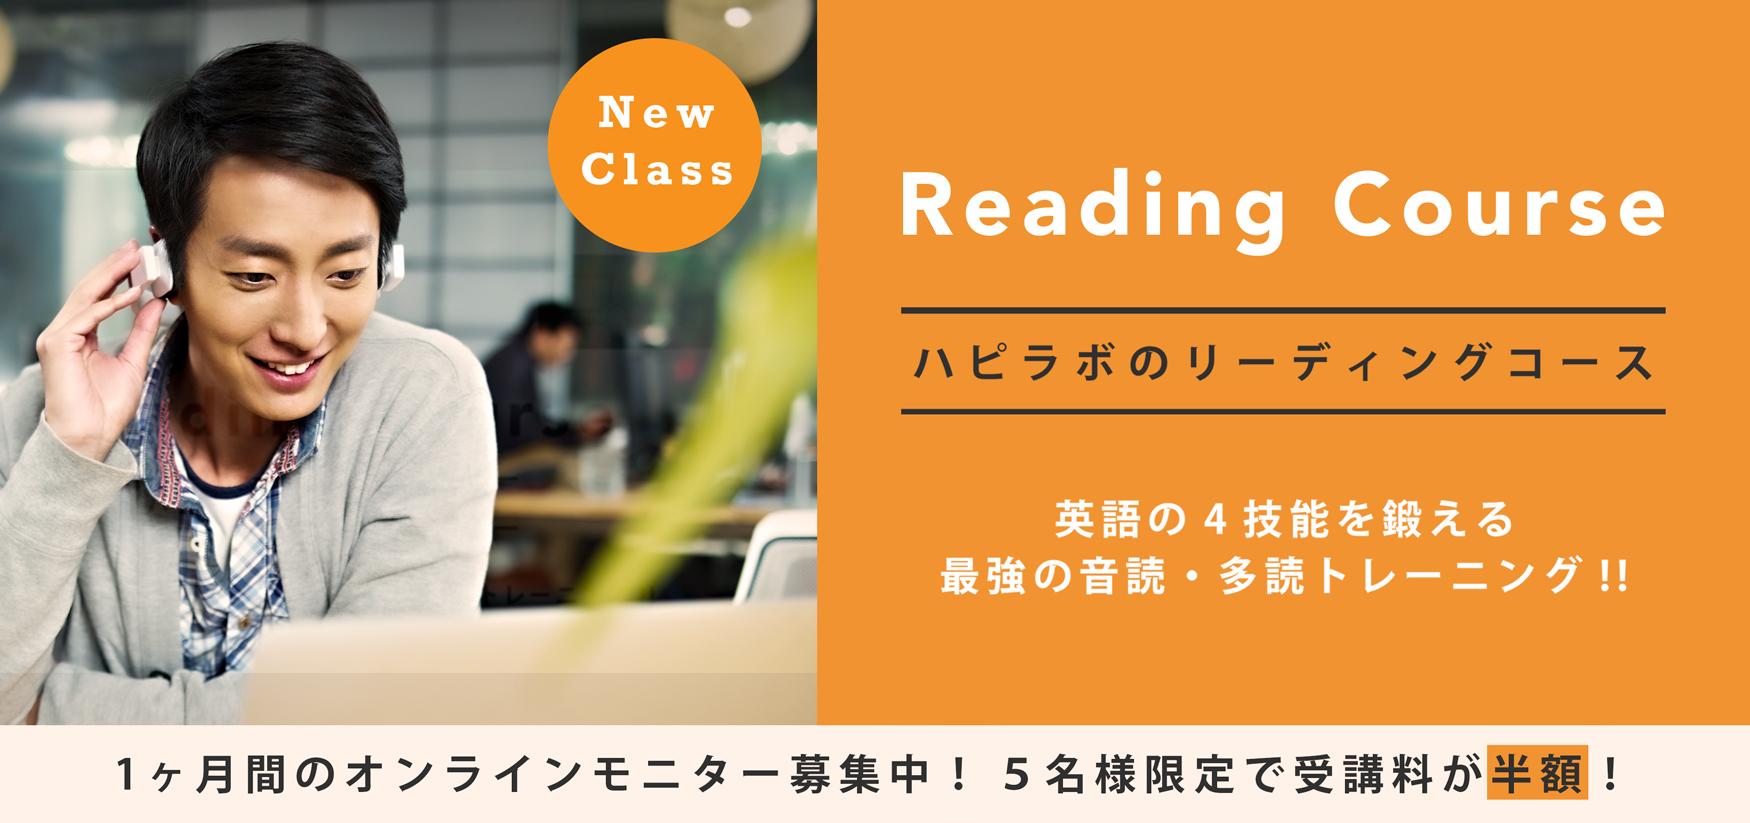 リーディングコース開講のお知らせ 英語の4技能を鍛えるトレーニング オンラインモニター参加で受講料が半額になるキャンペーン中